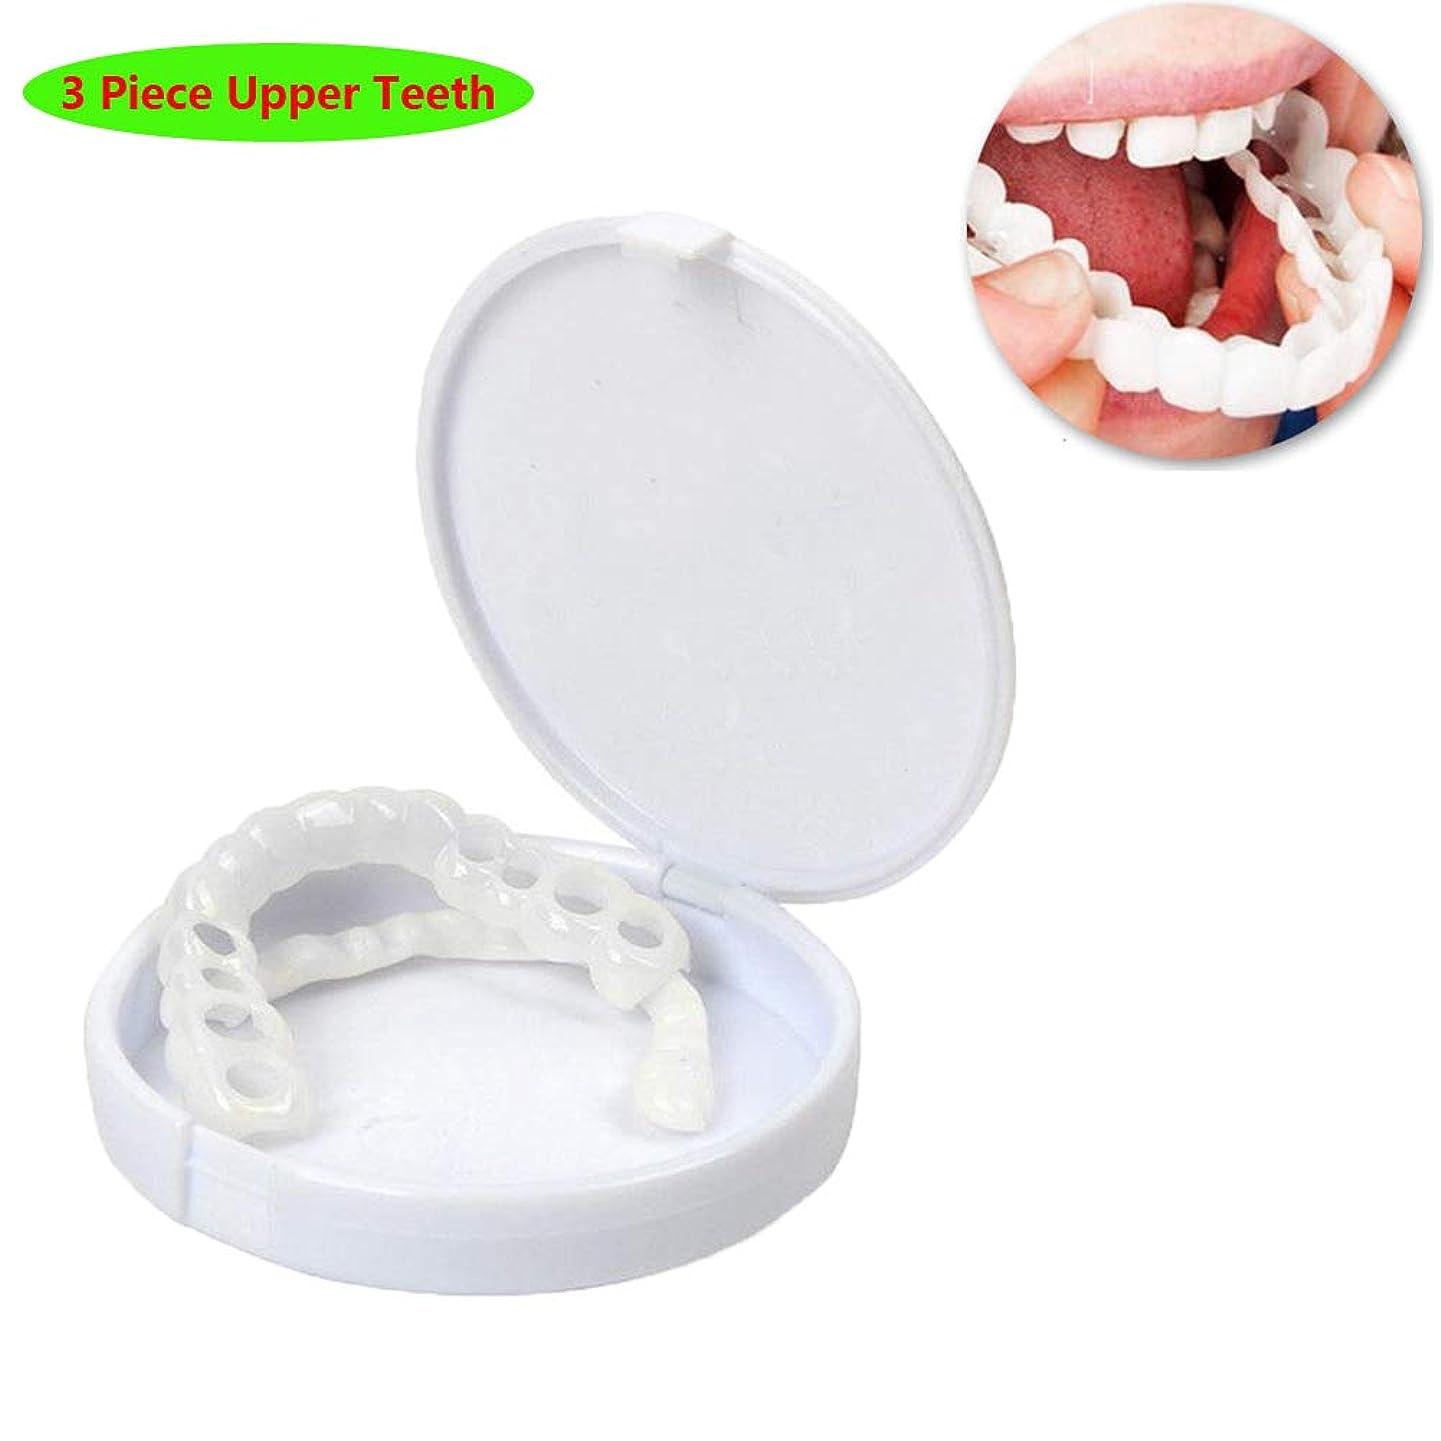 フライカイト馬鹿祈り3枚の一時的な化粧品の歯入れ歯の歯の化粧品のシミュレーションの上部の袖口、白くなる歯のスナップの帽子の即刻の慰めの柔らかい完全なベニヤ